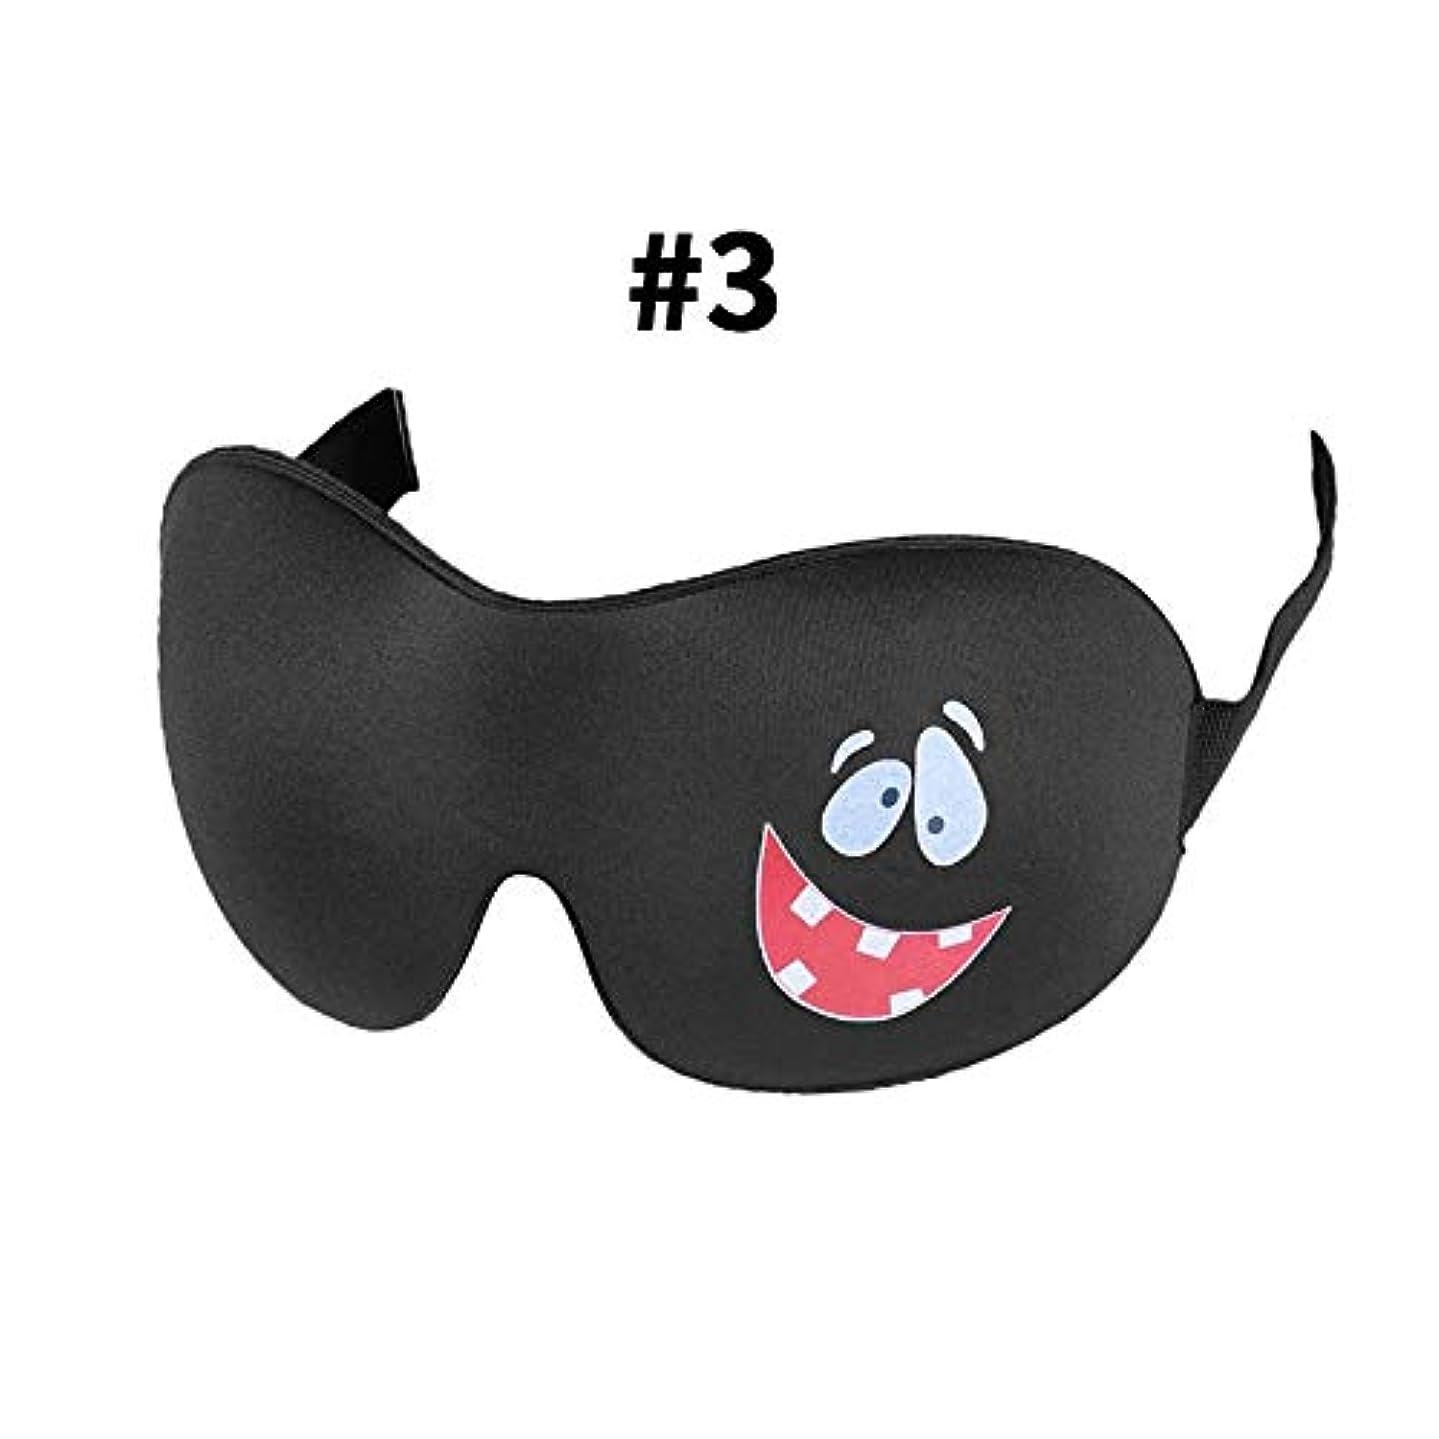 有用統治可能注釈NOTE 3 dマスク用睡眠アイカバー用睡眠アイマスク援助目隠し包帯アイパッチ旅行残り睡眠マスク男性女性ソフトポータブル